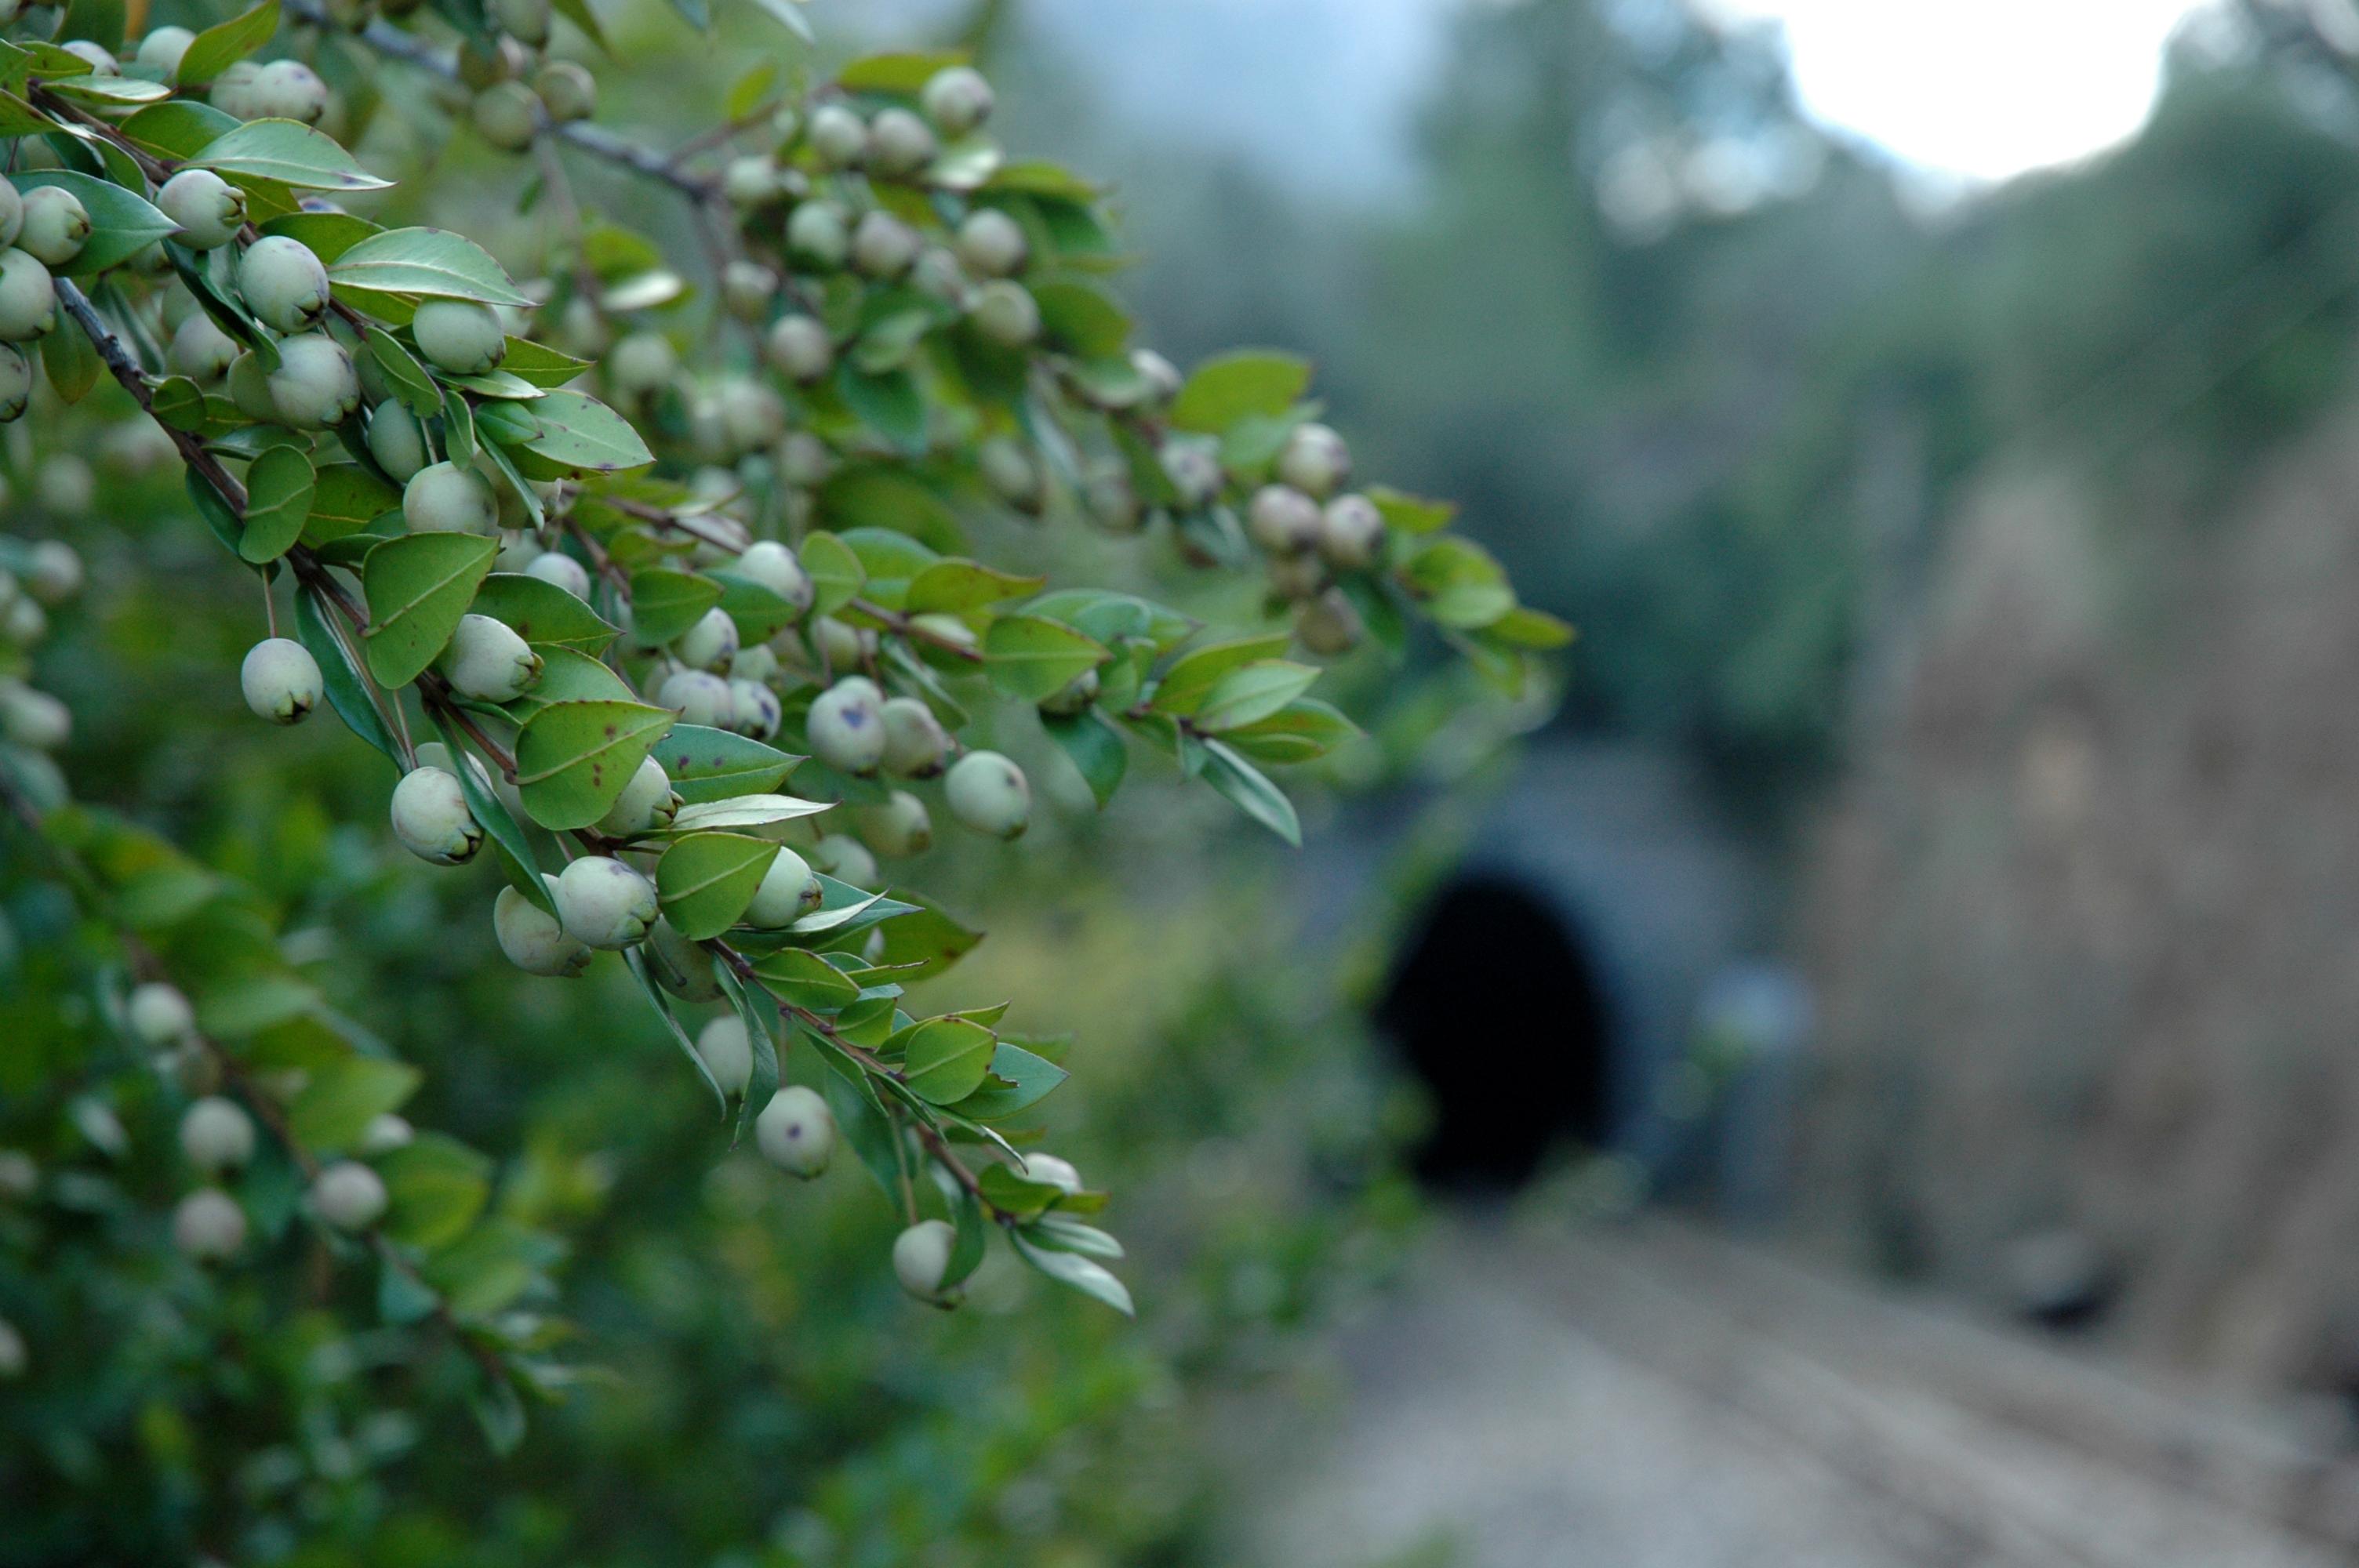 Oleocultura: ¡Vive la naturaleza y tradición con los 5 sentidos!